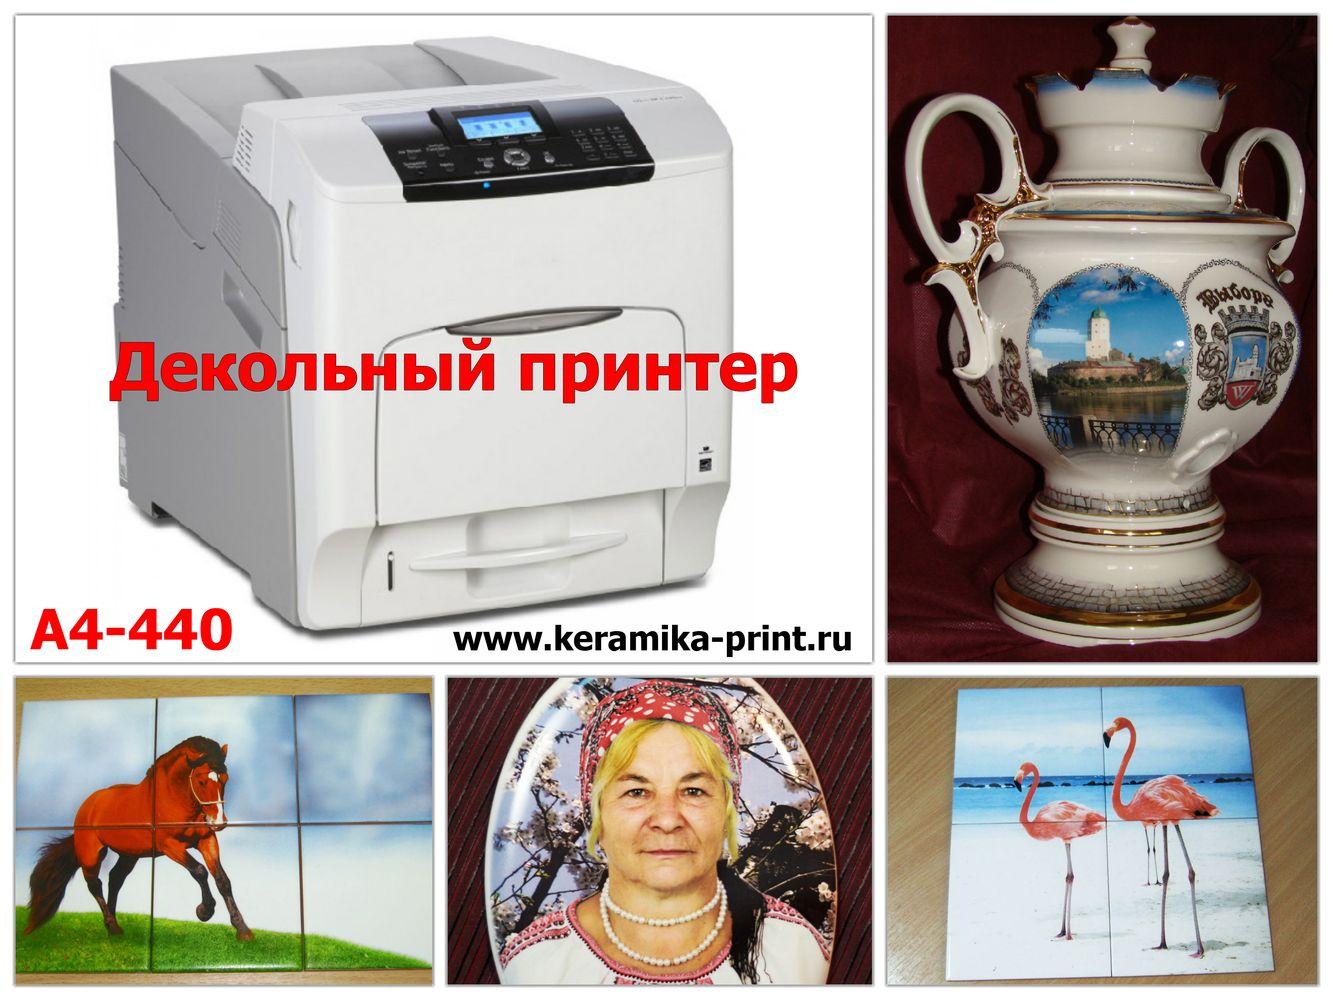 Декольный принтер keramika-print_- Копия (2)